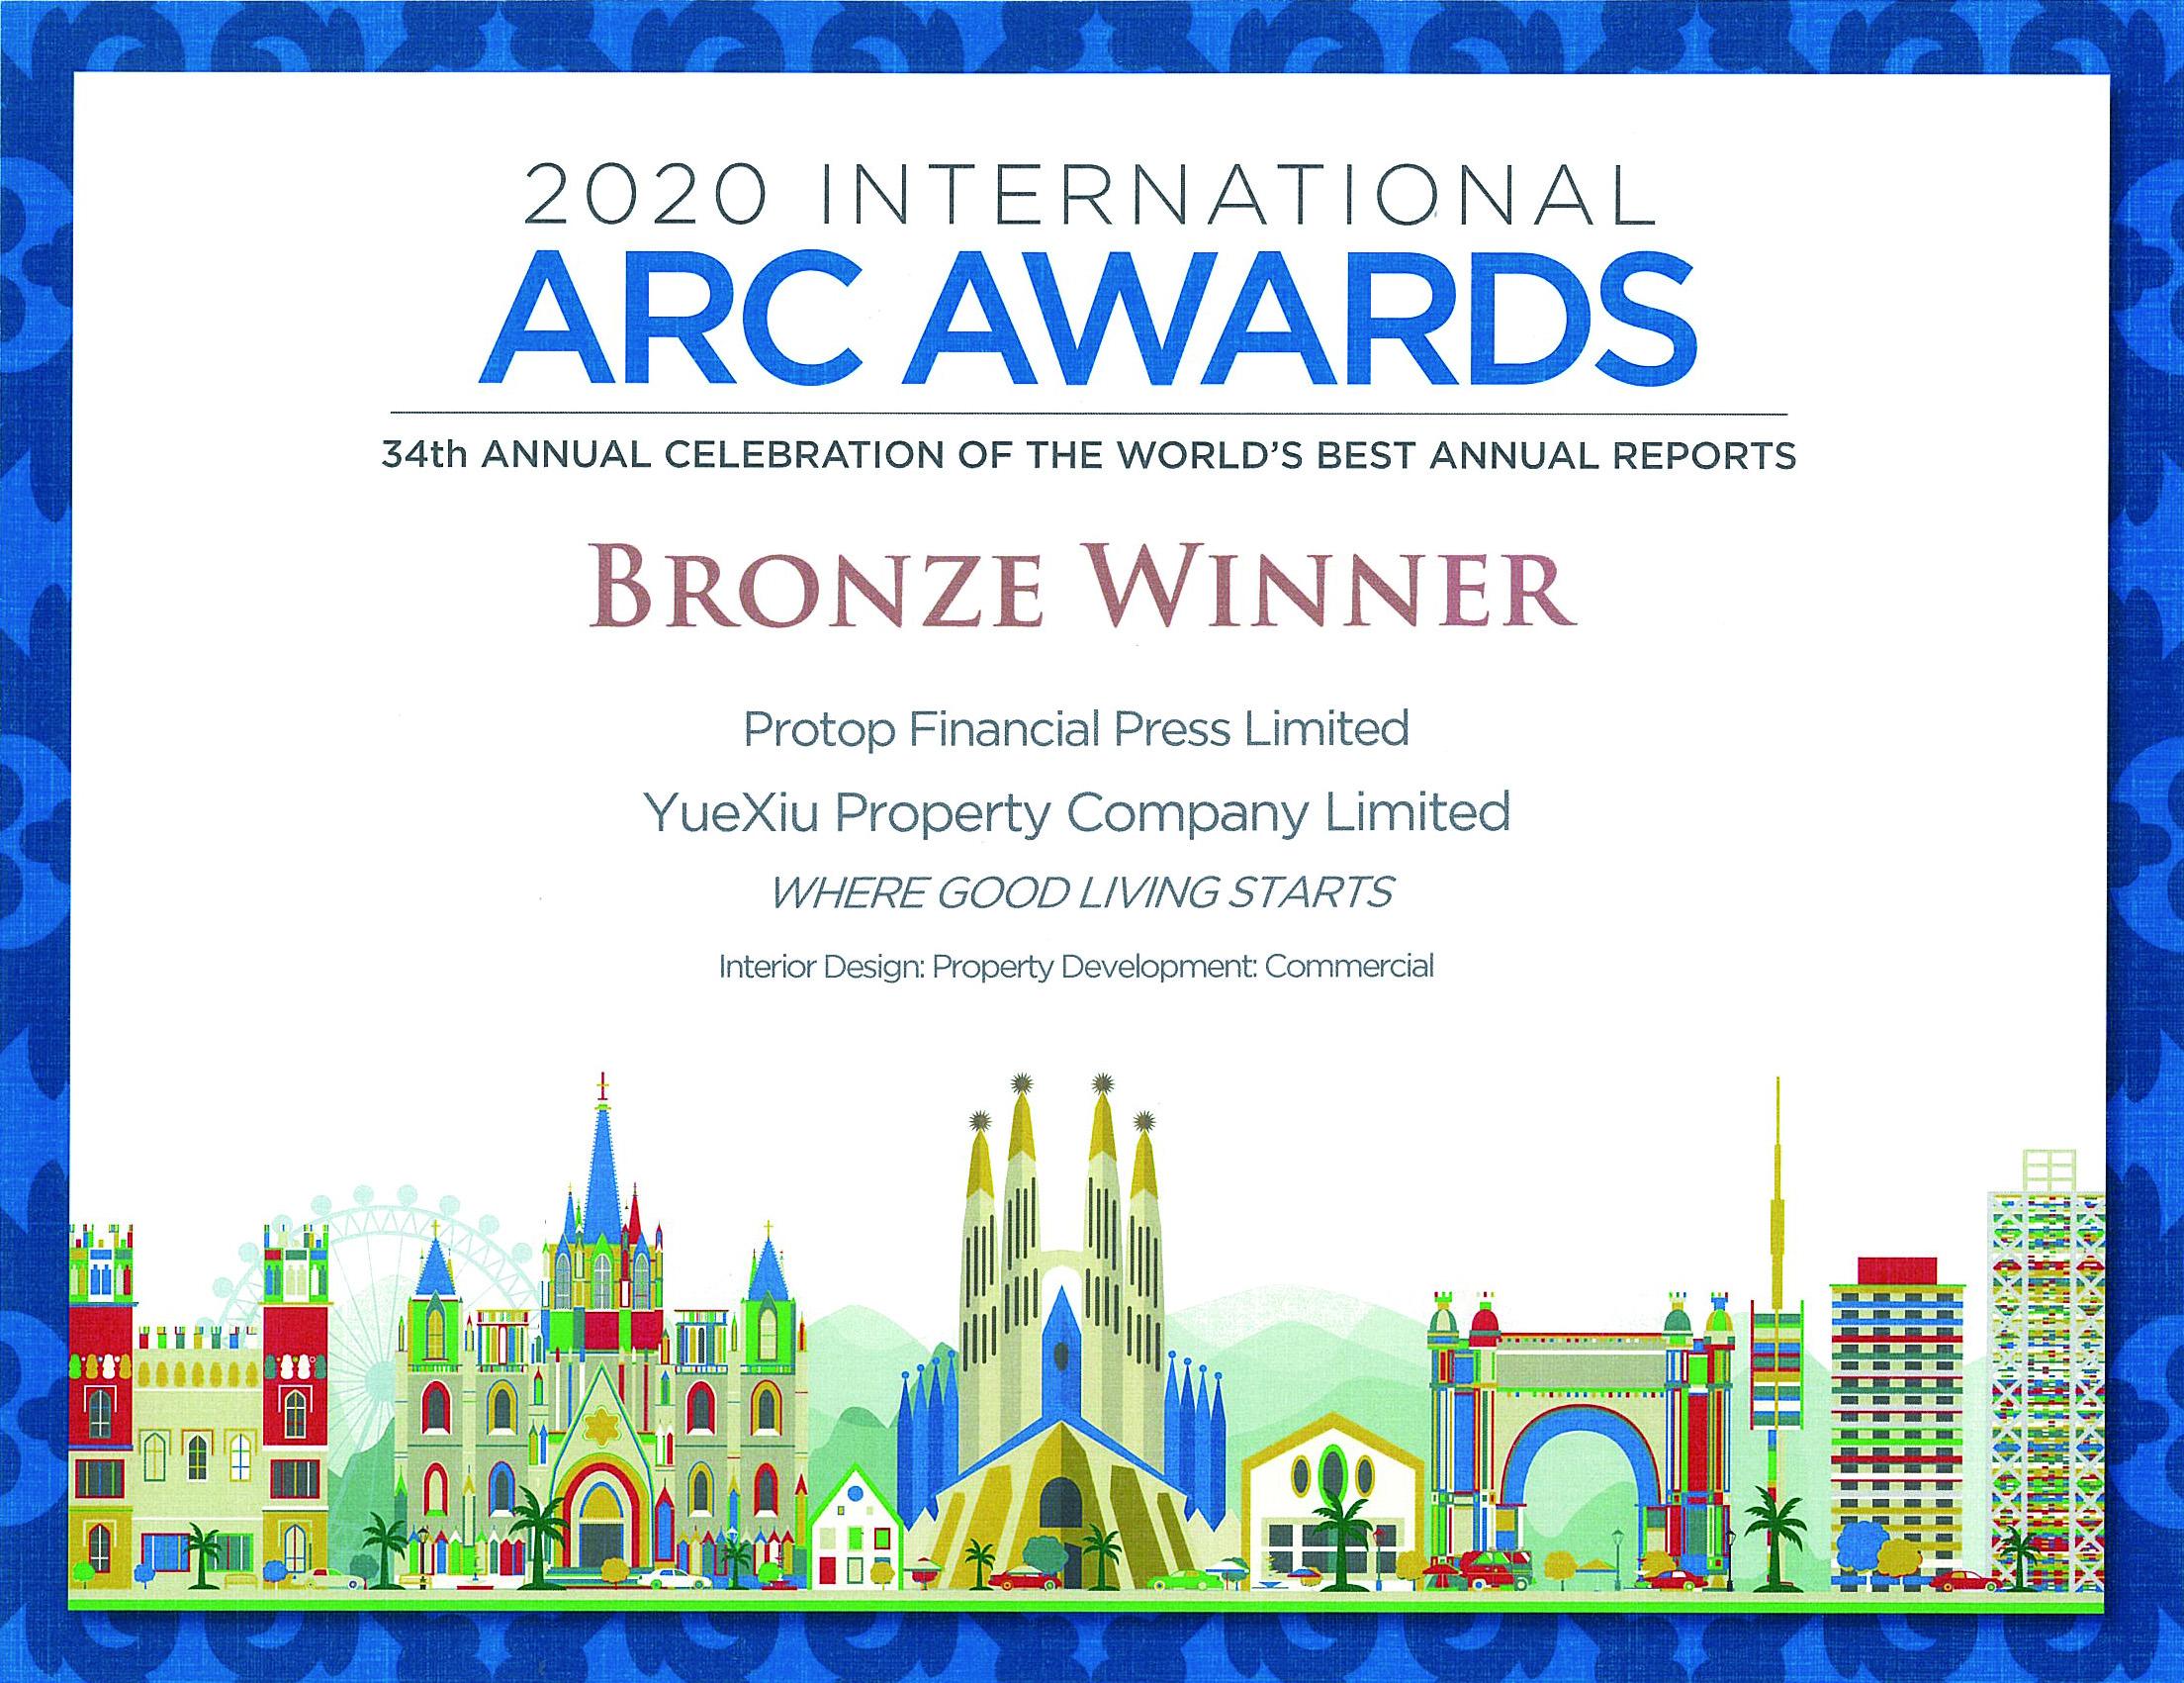 越秀地产股份有限公司 2020 Bronze Award Commercial